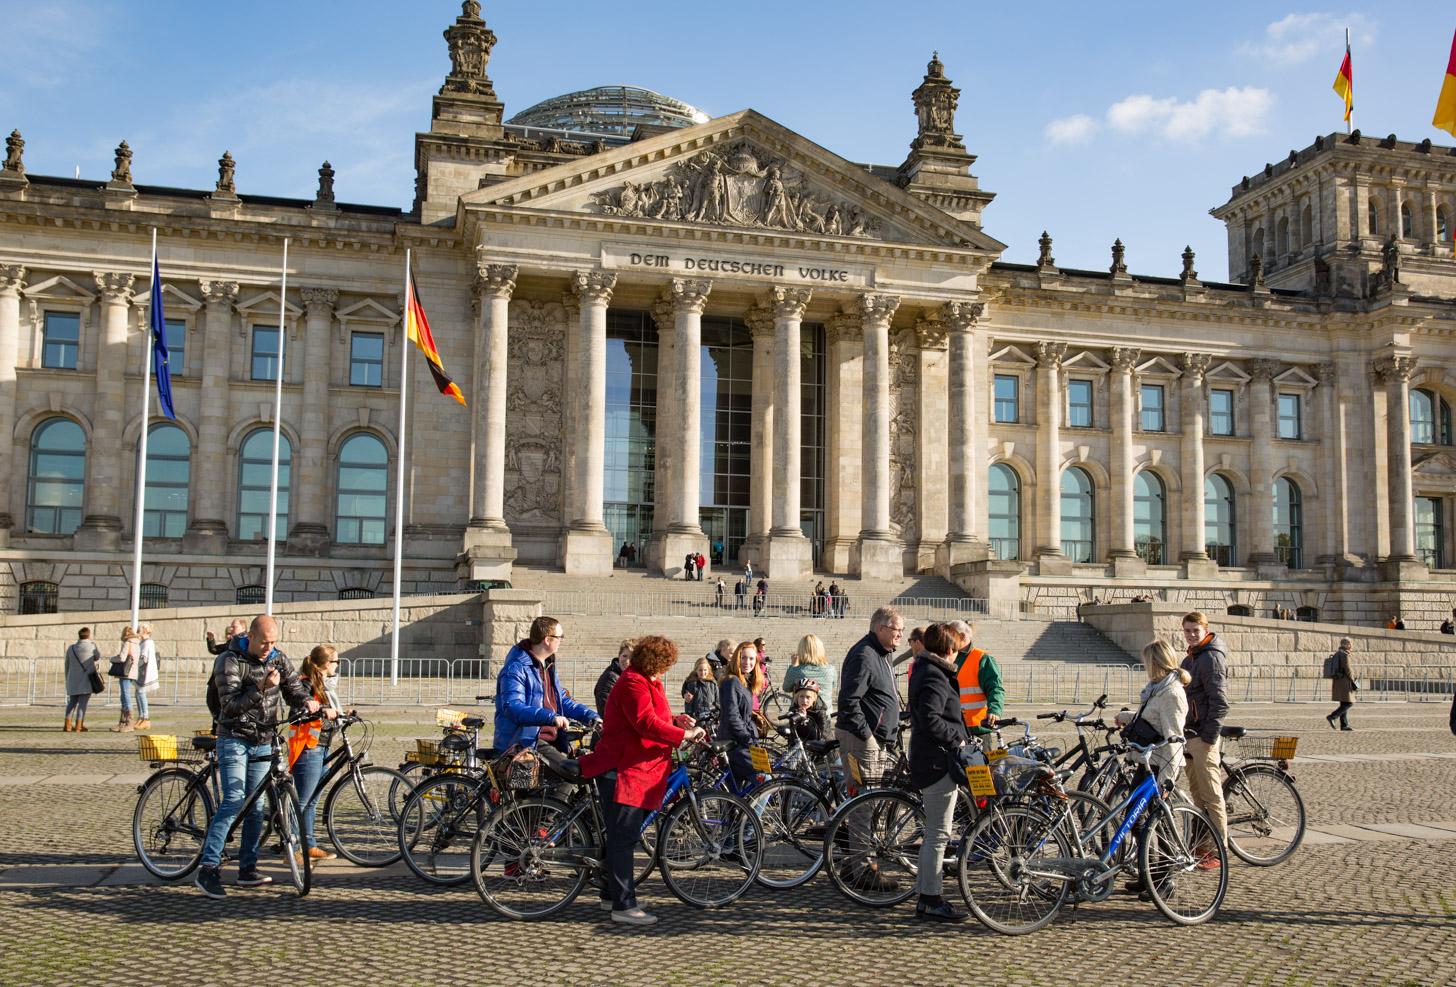 ontdek Berlijn op de fiets tijdens een fietstour met gids